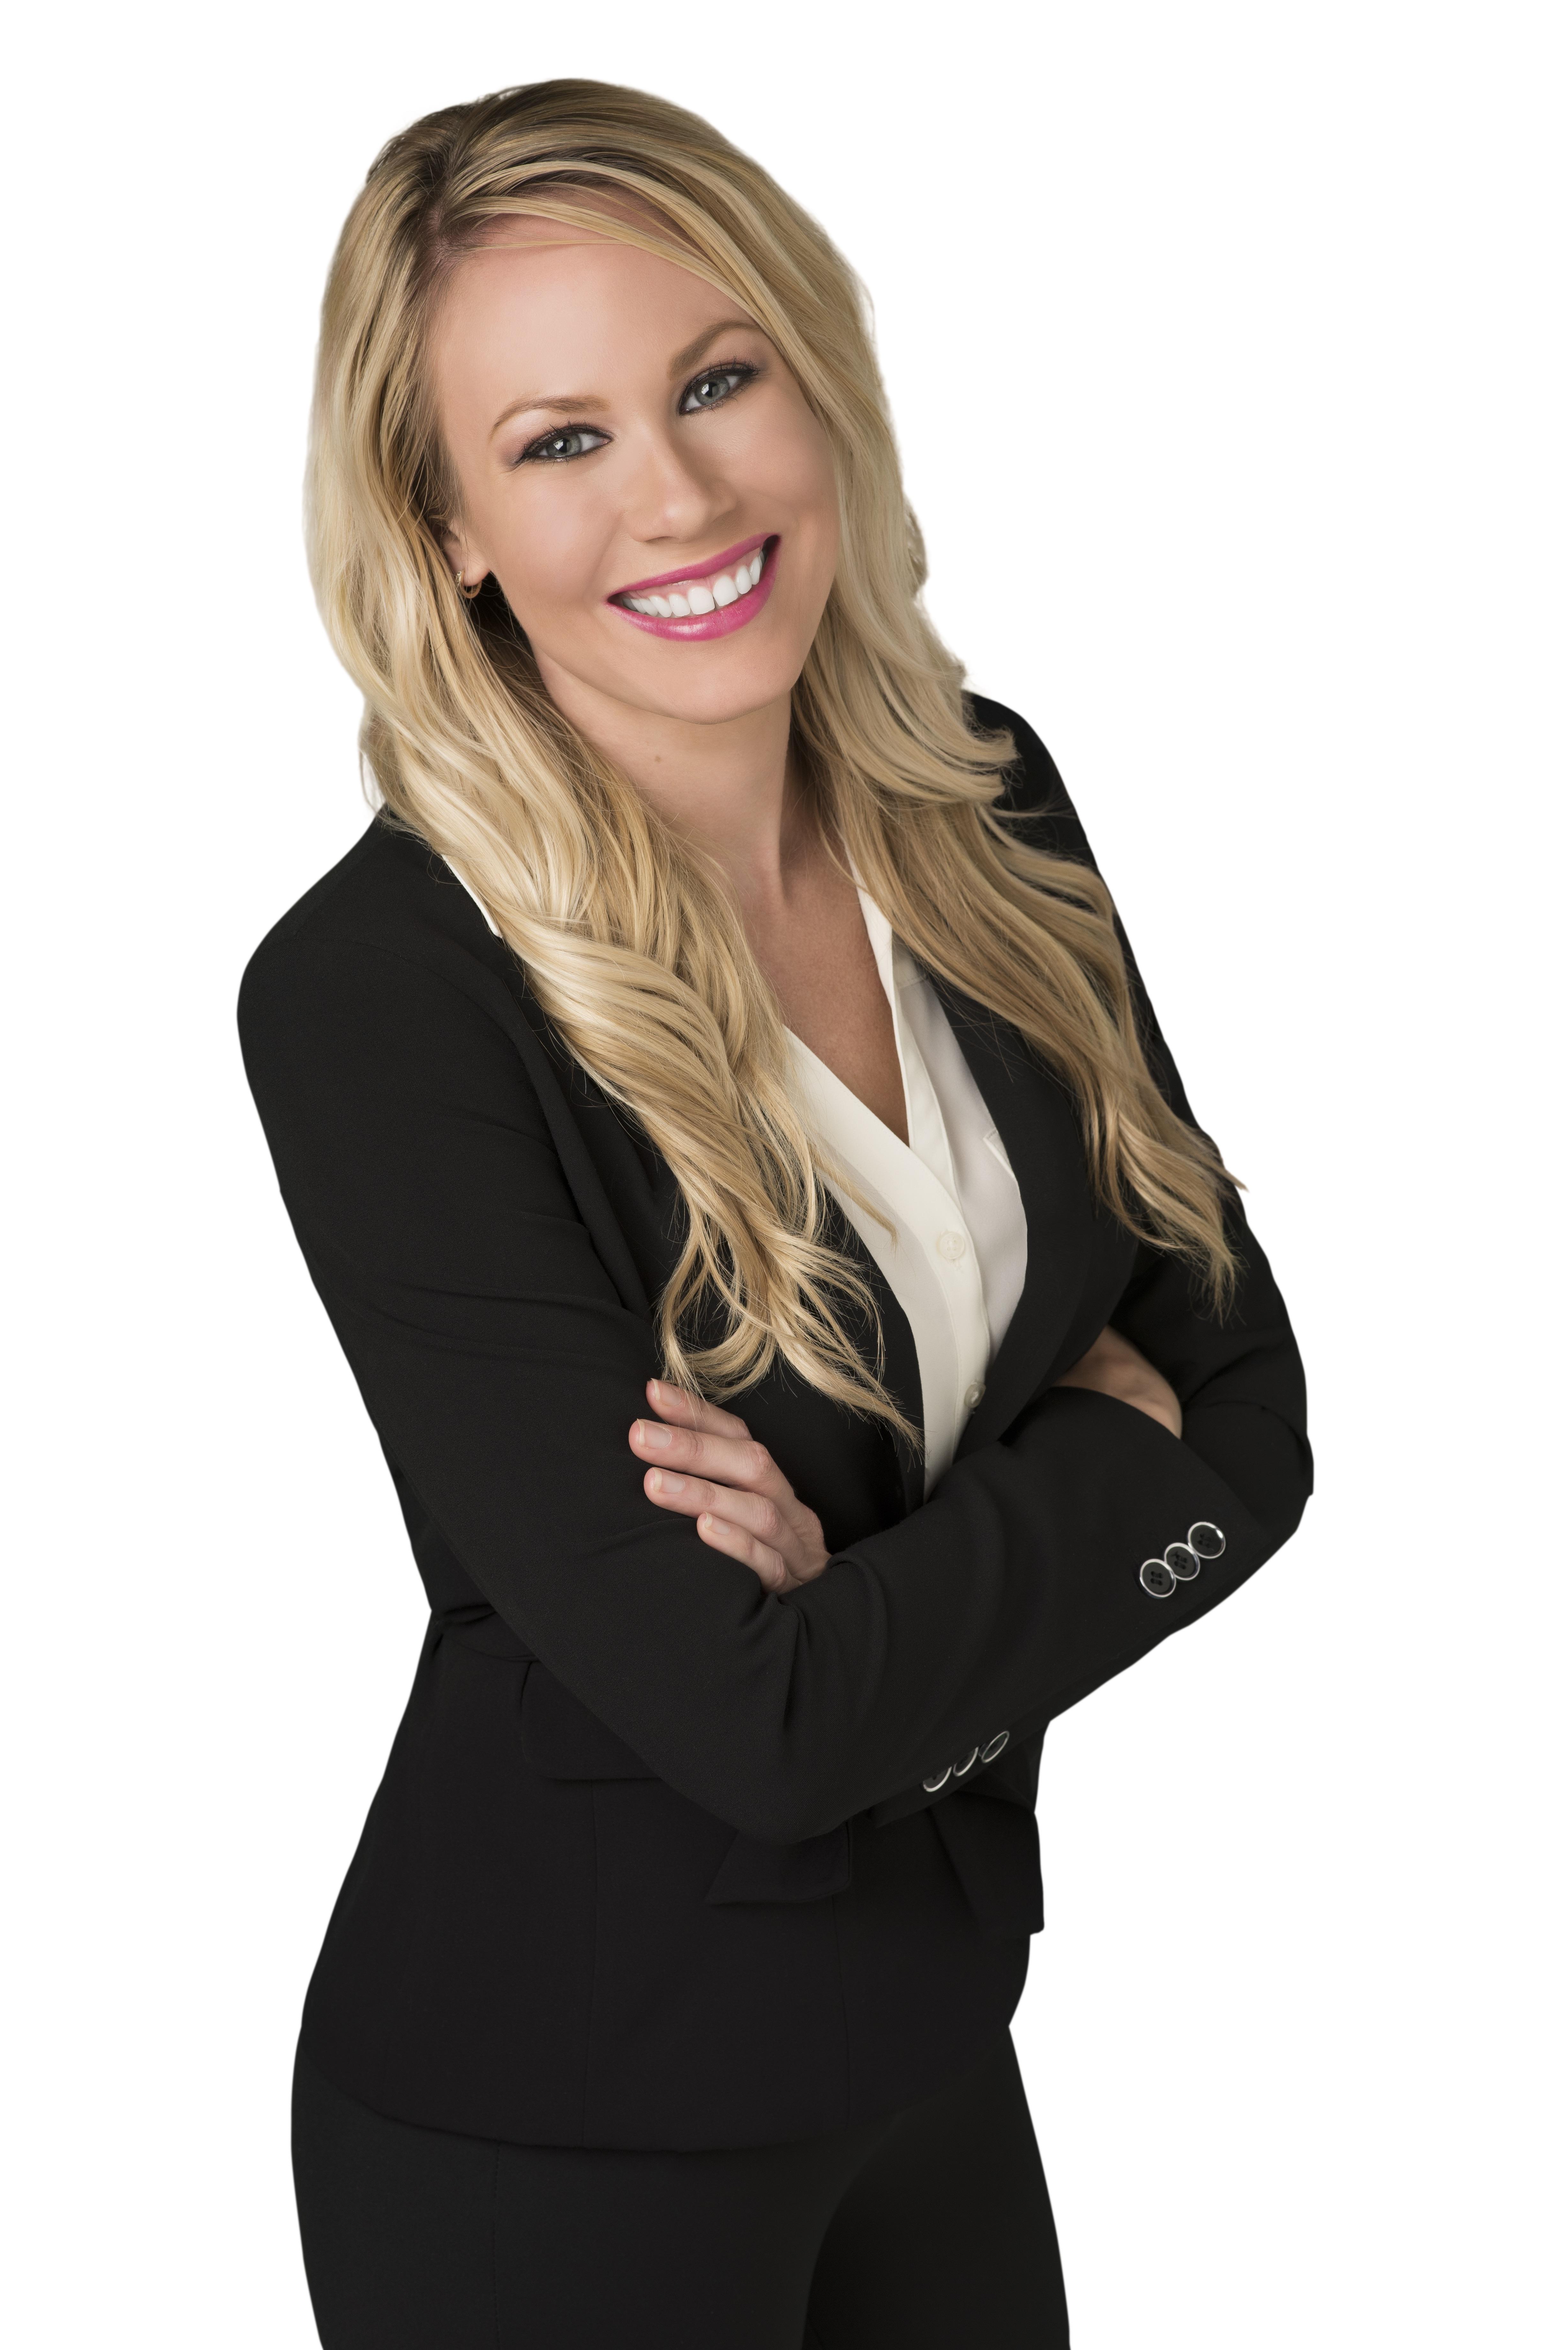 Katrina Quigley